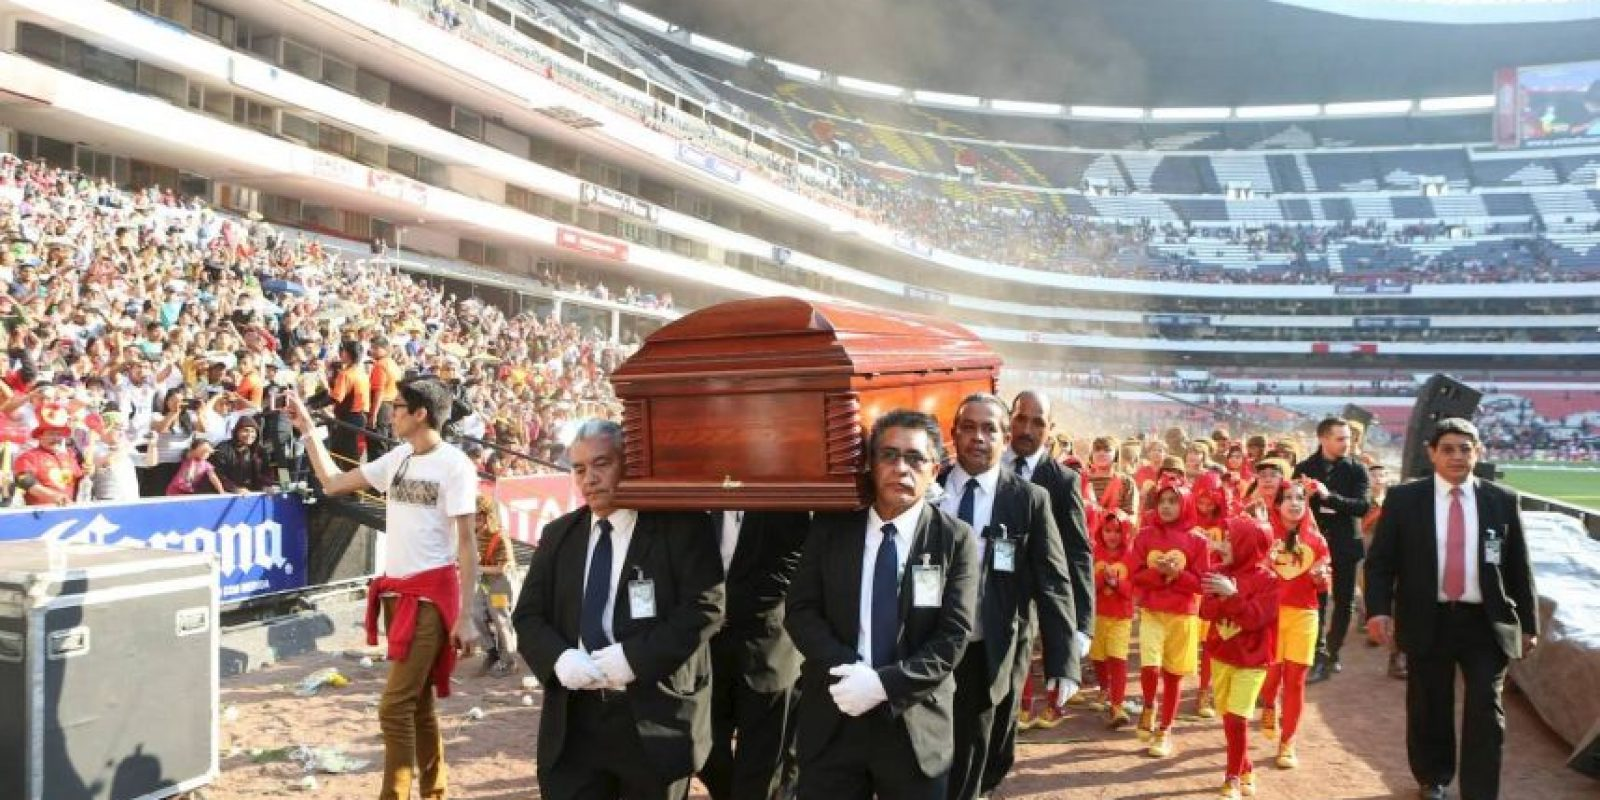 Seis hombres llevaron los restos mortales de Bolaños en sus hombros Foto:Pedro Álvarez – Facebook.com/EstadioAztecaOficial